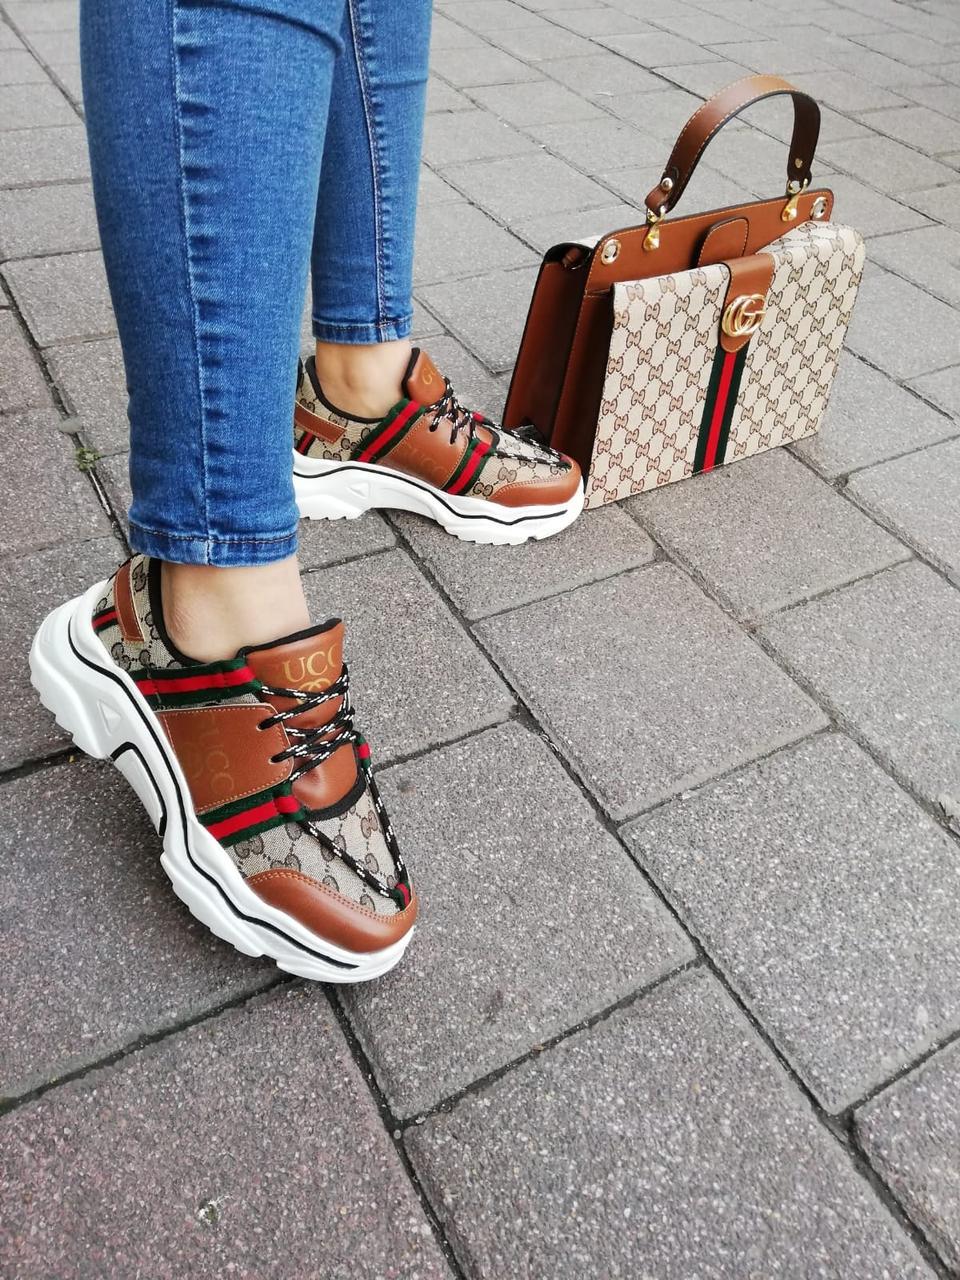 Комплект женская Сумка, кроссовки бренд